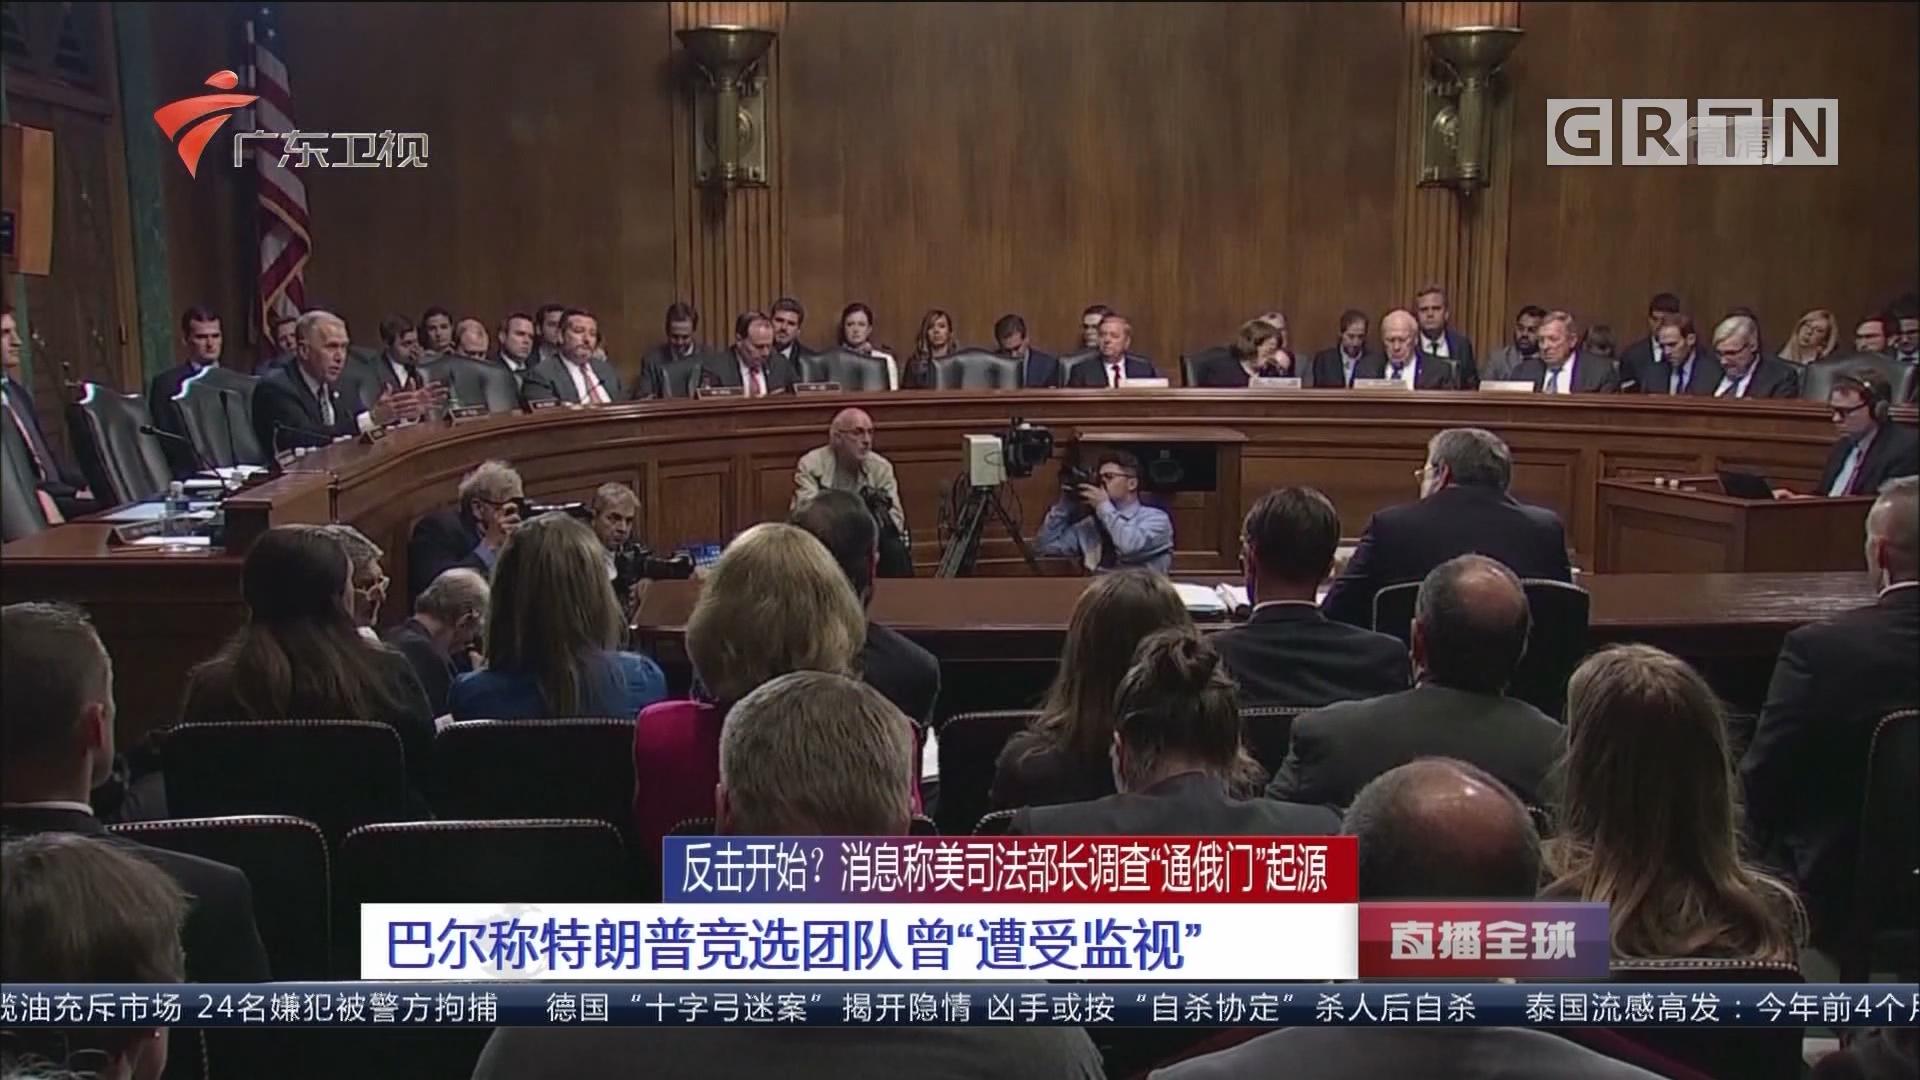 """反击开始?消息称美司法部长调查""""通俄门""""起源 巴尔称特朗普竞选团队曾""""遭受监视"""""""